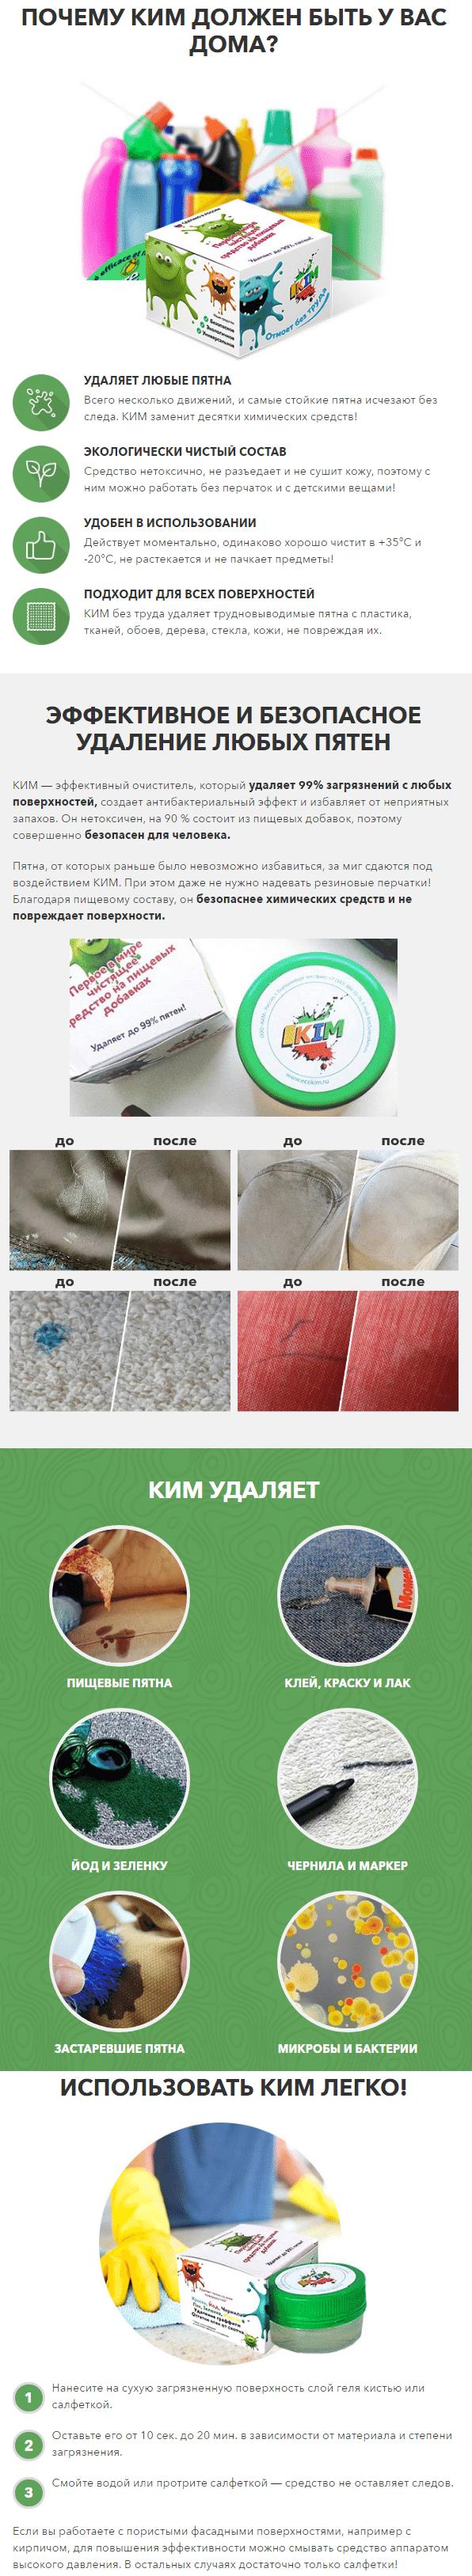 Универсальное чистящее средство Ким-5 купить